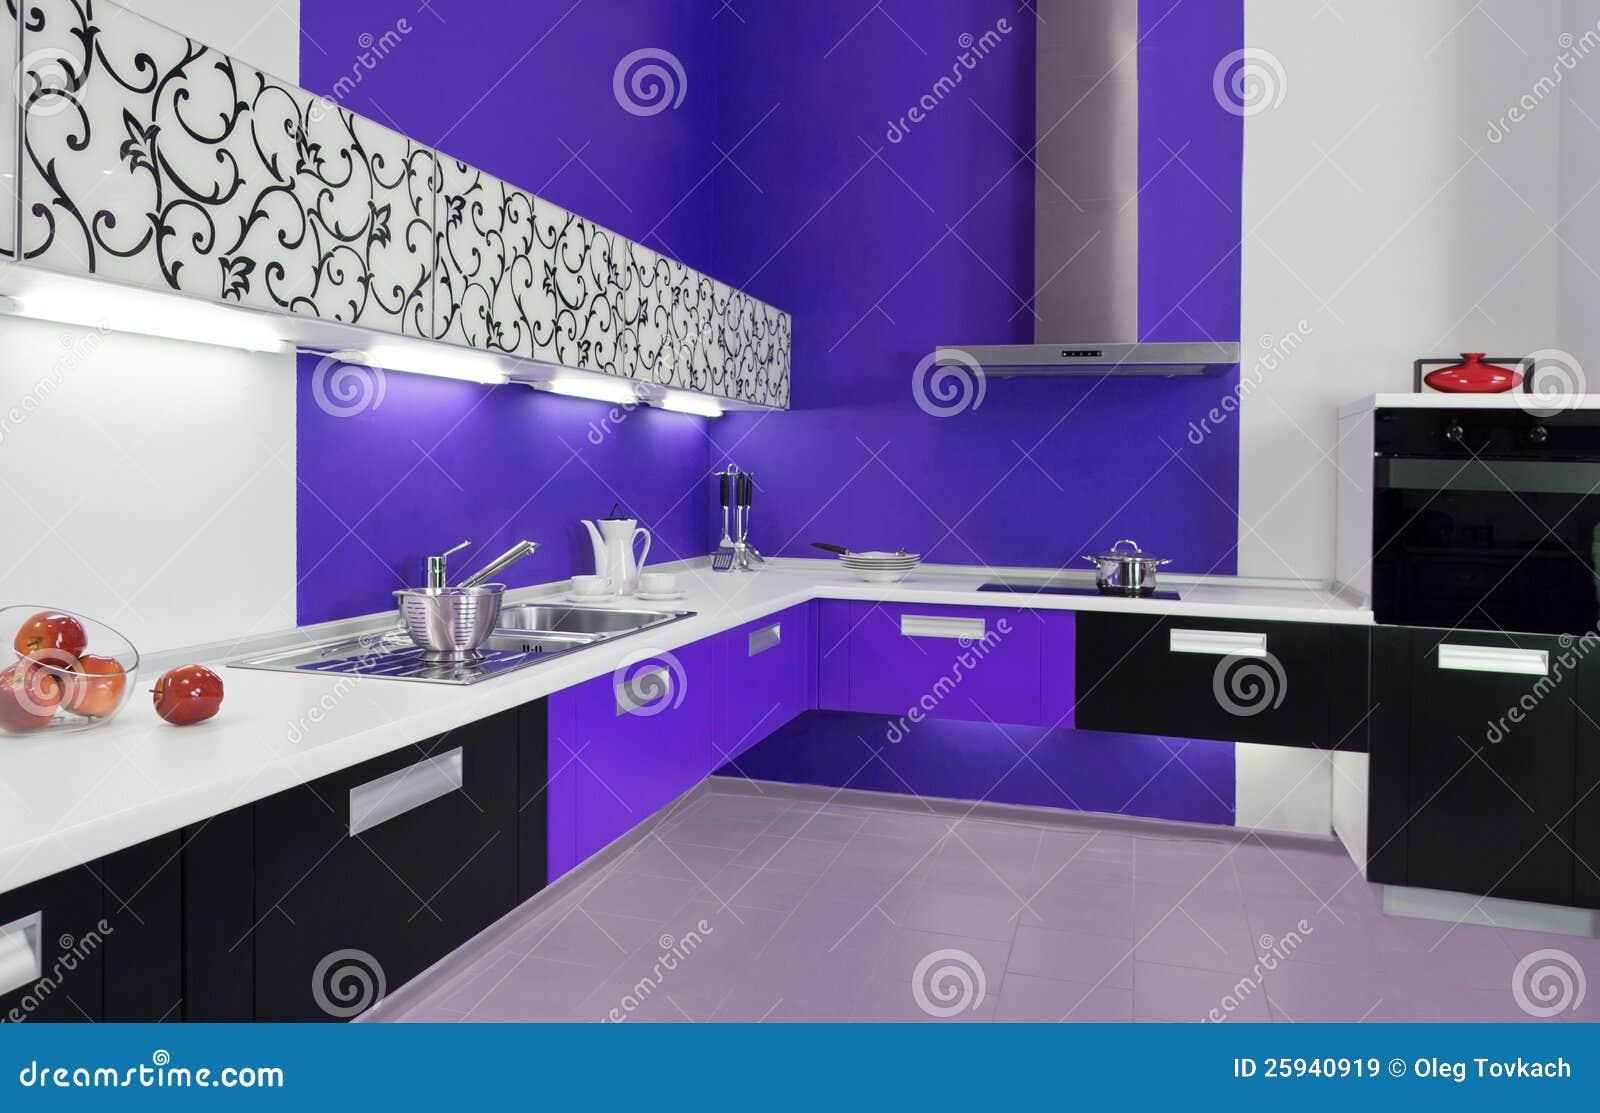 Blauw wit keuken modern binnenland royalty vrije stock ...